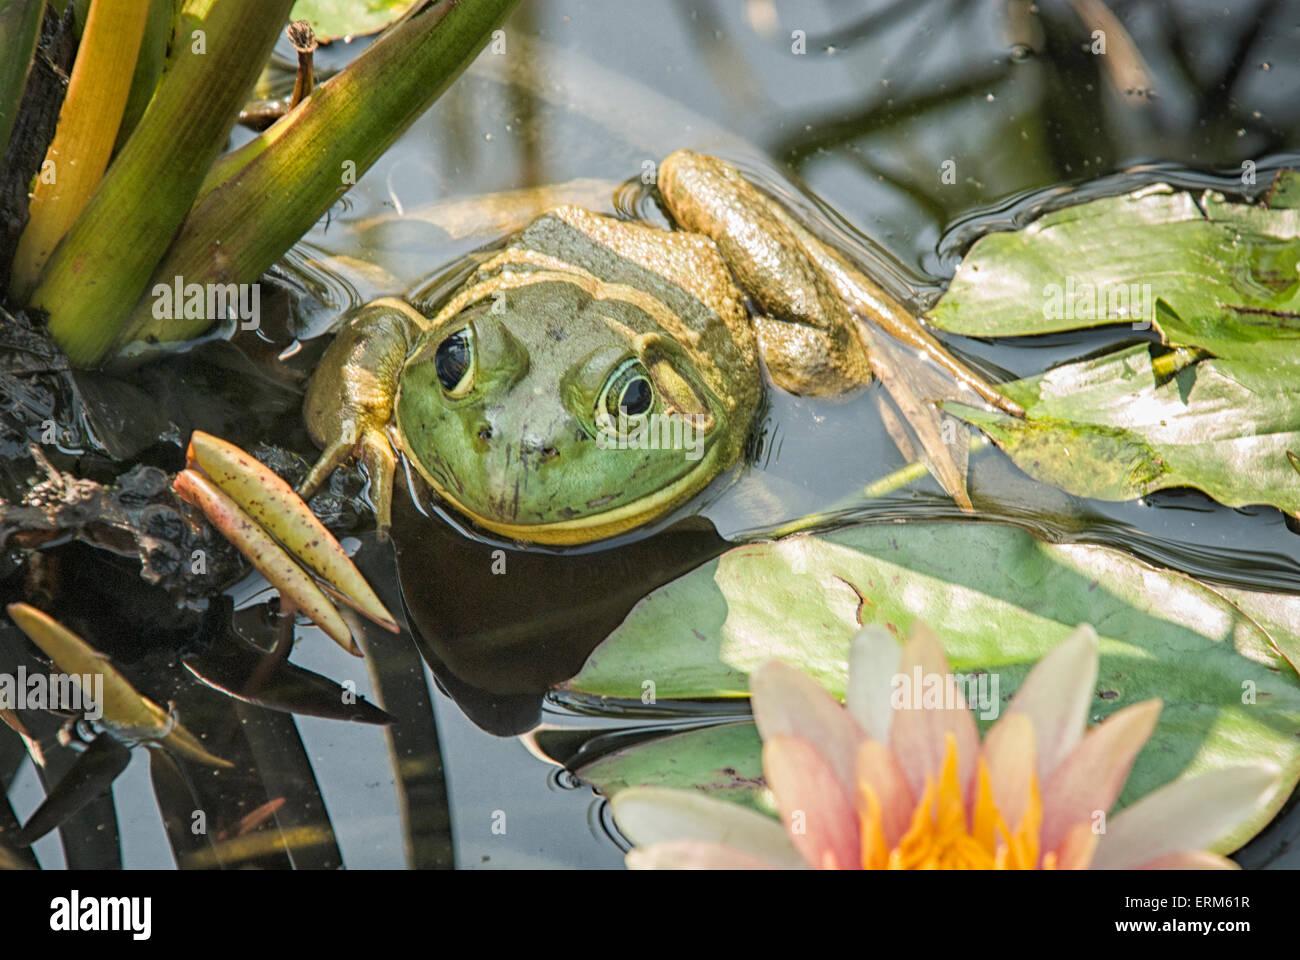 Amerikanischer Ochsenfrosch, Lithobates Catesbeianus oder Rana Catesbeiana, in einen Seerosenteich in New York State, Stockfoto